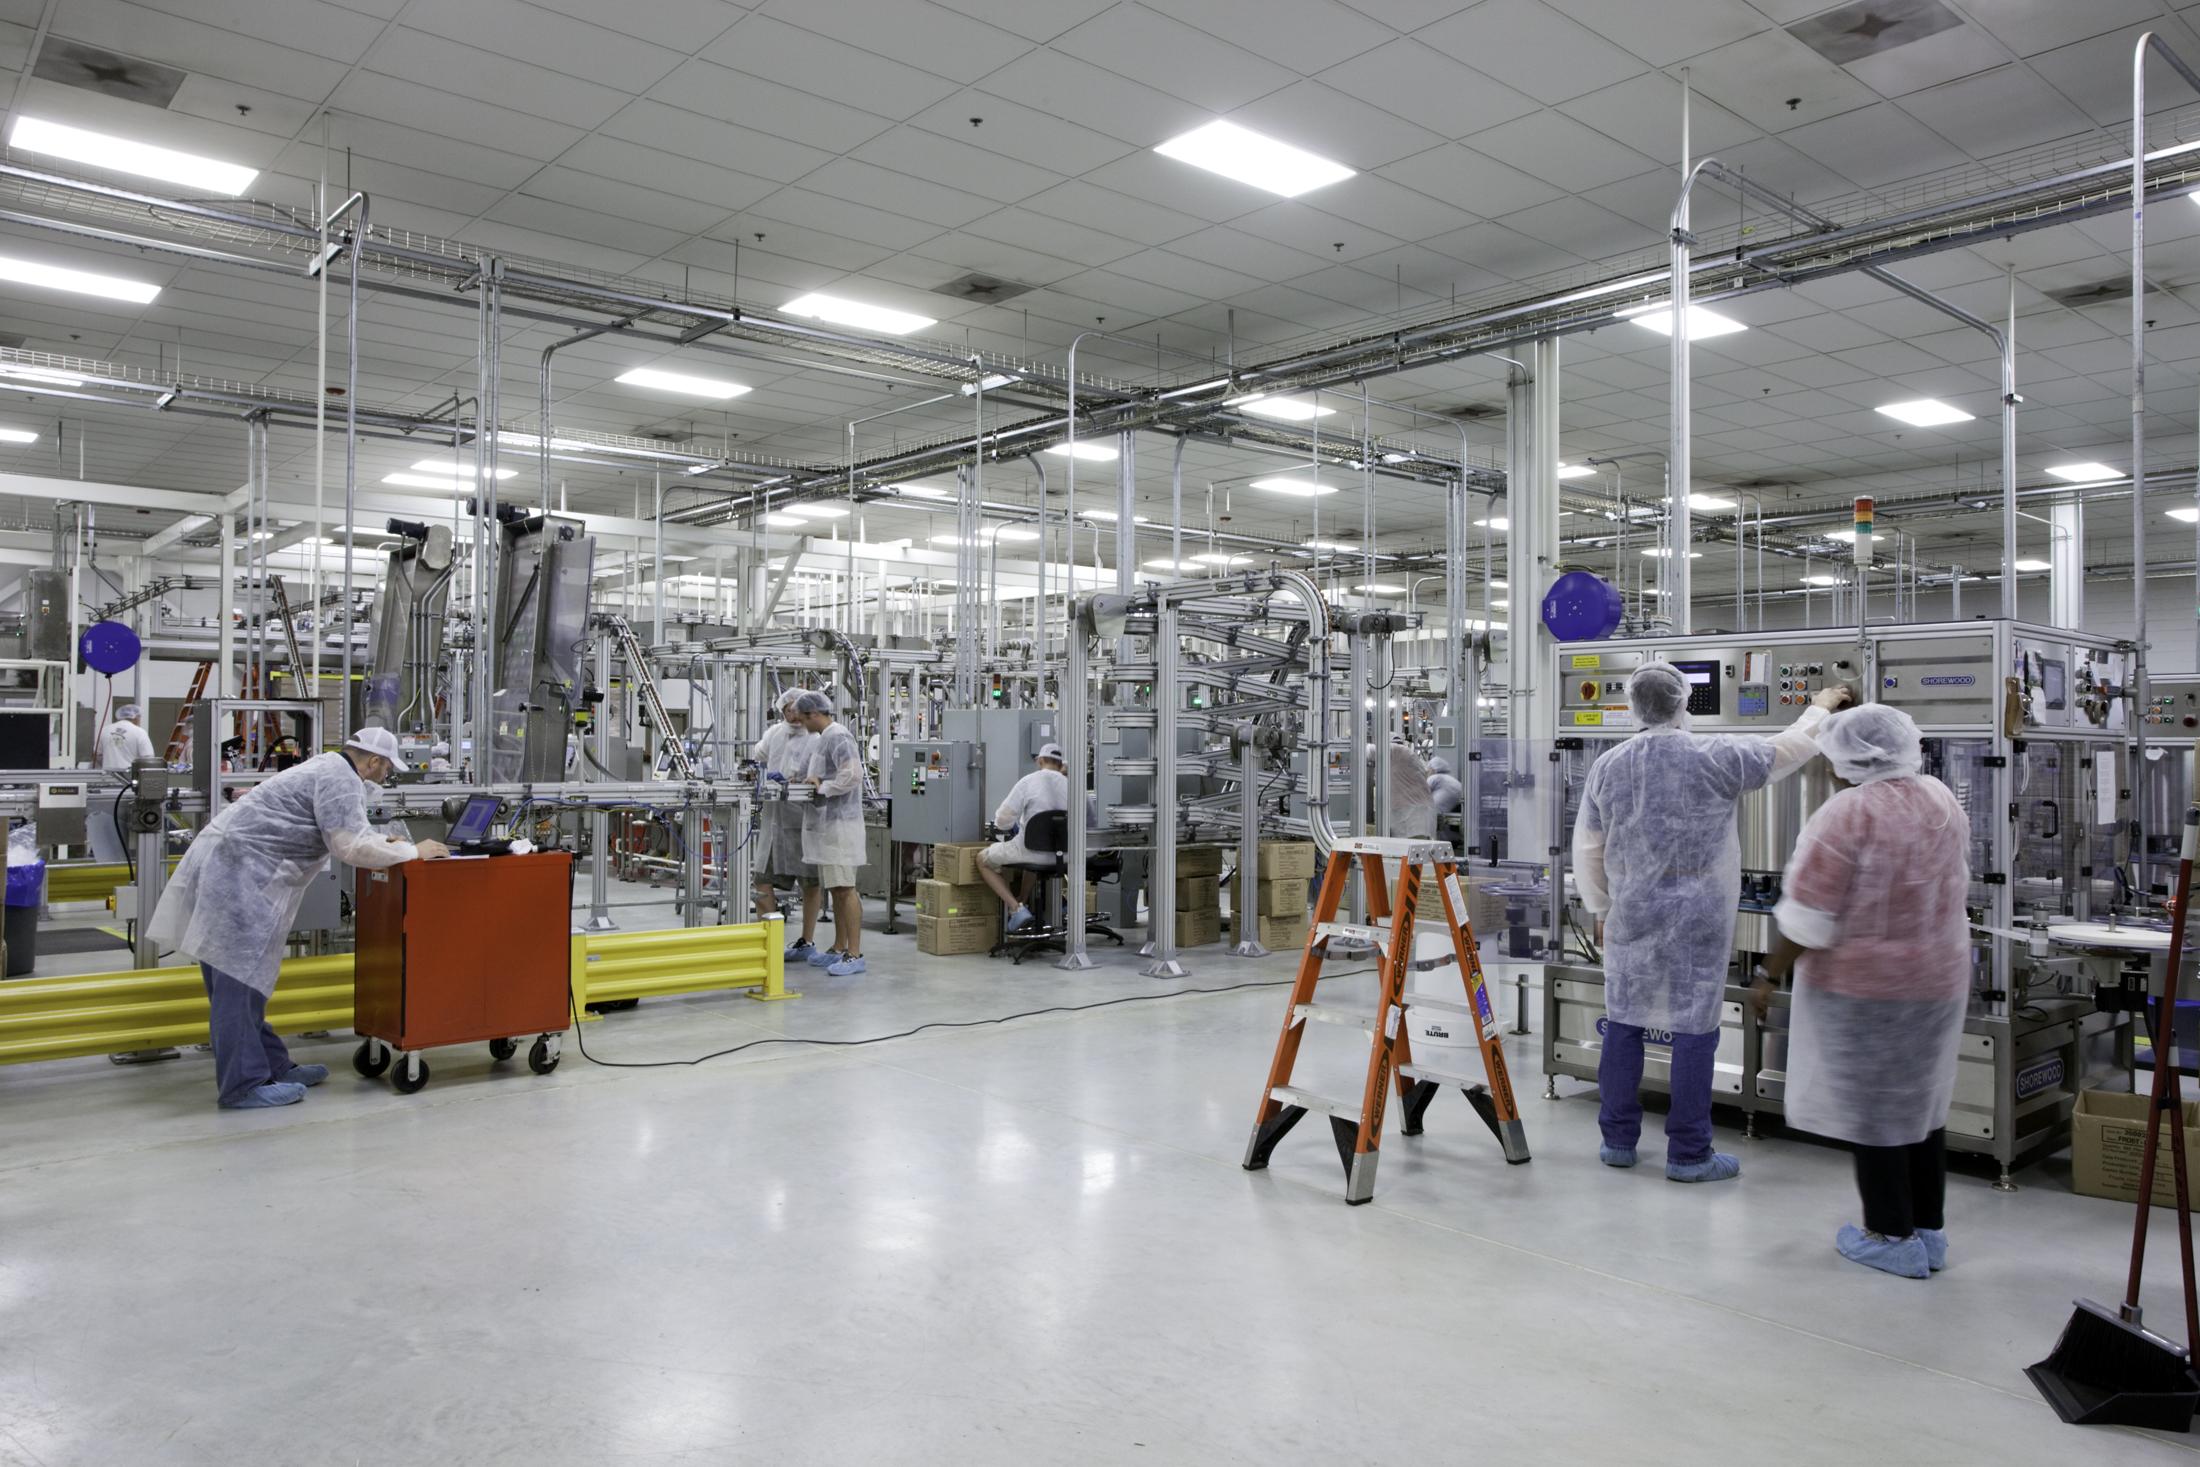 industrial_06.jpg